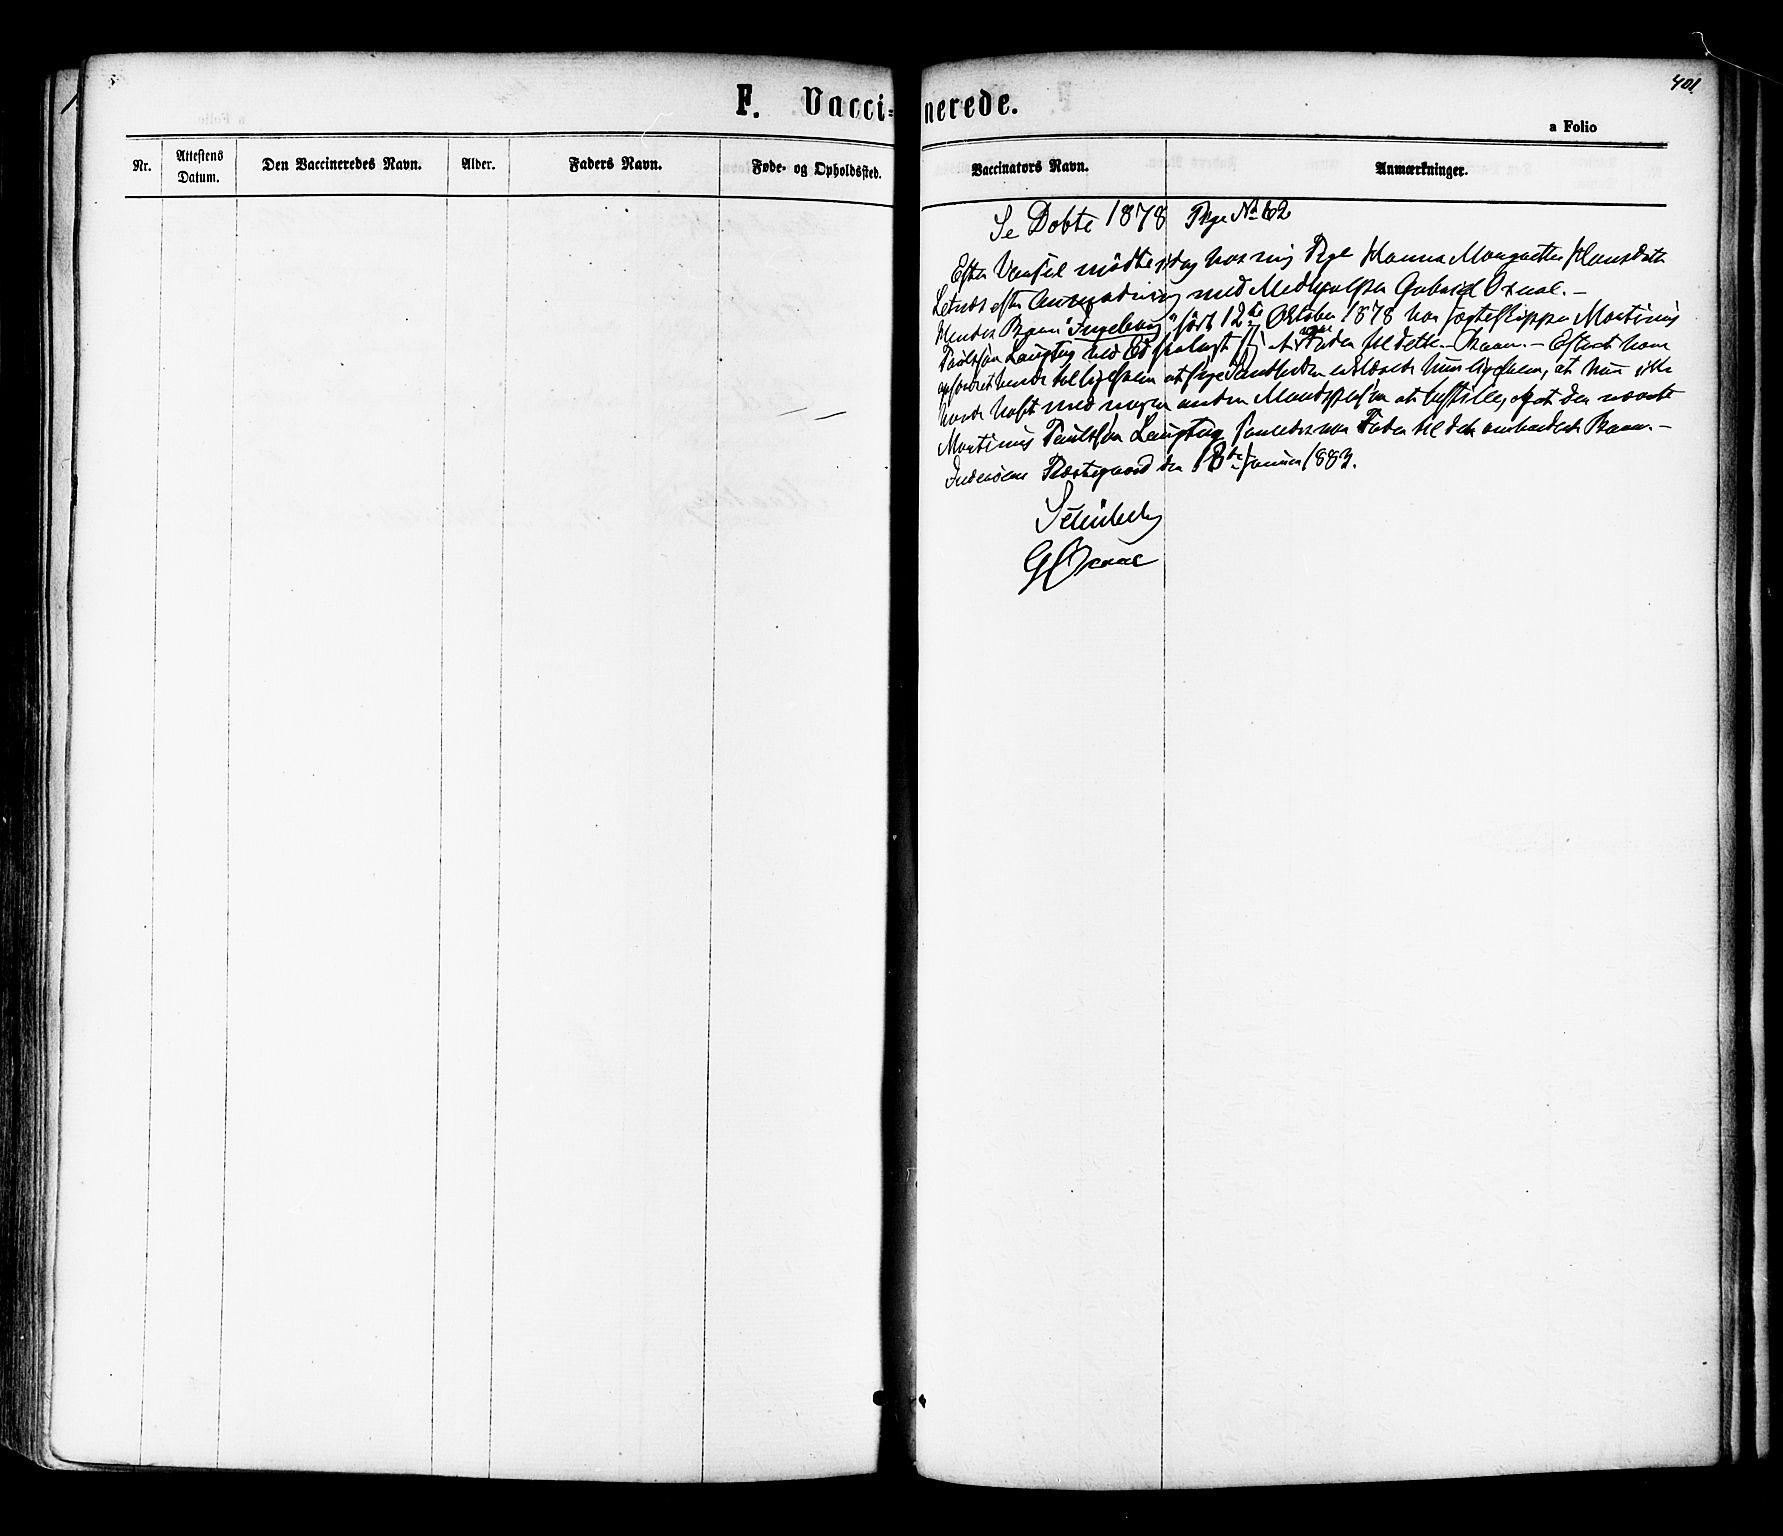 SAT, Ministerialprotokoller, klokkerbøker og fødselsregistre - Nord-Trøndelag, 730/L0284: Ministerialbok nr. 730A09, 1866-1878, s. 401